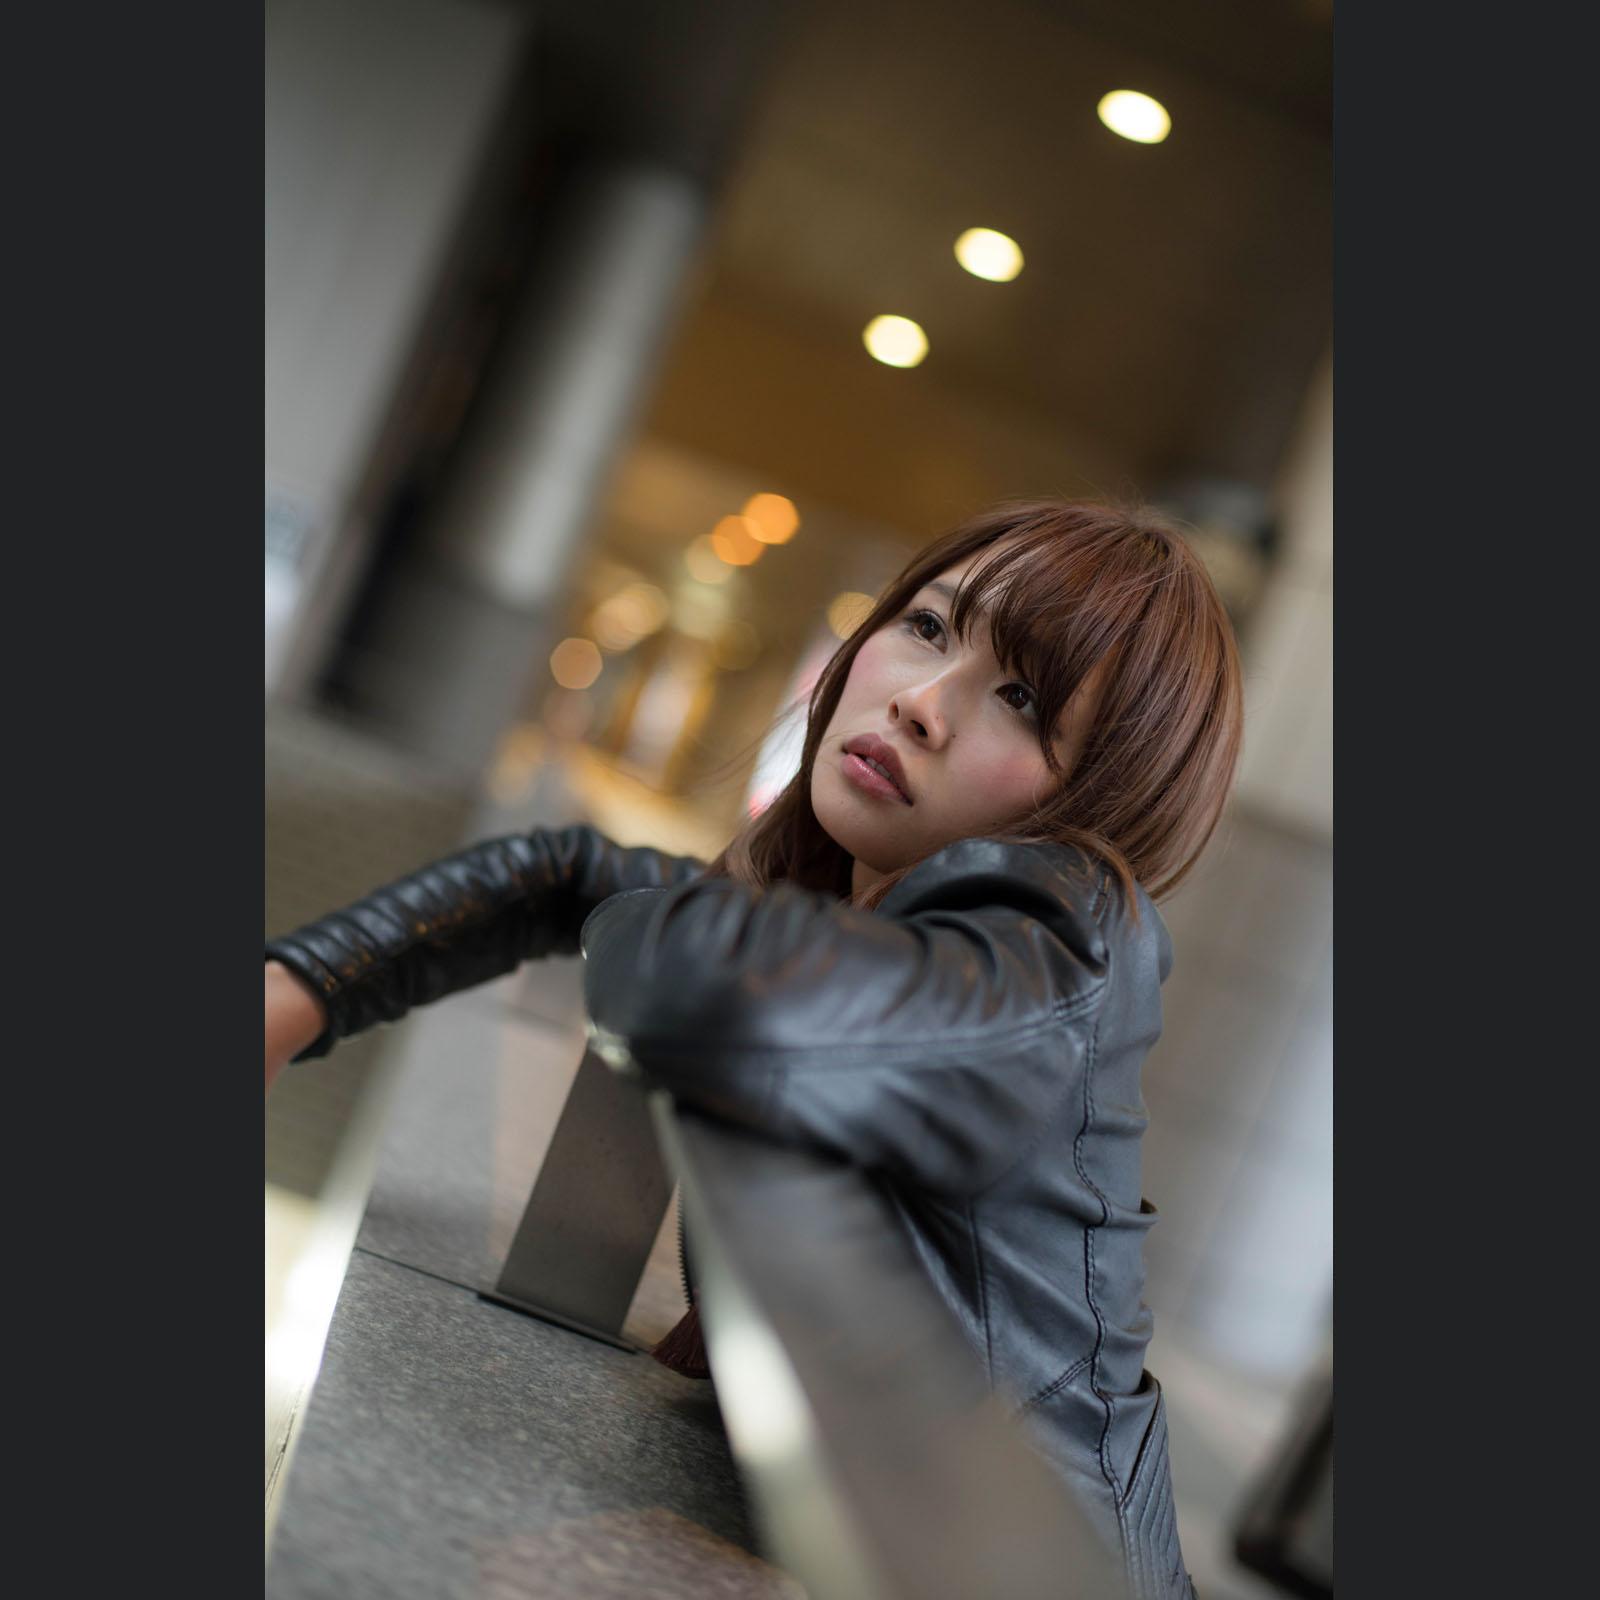 f0269385_7541576.jpg